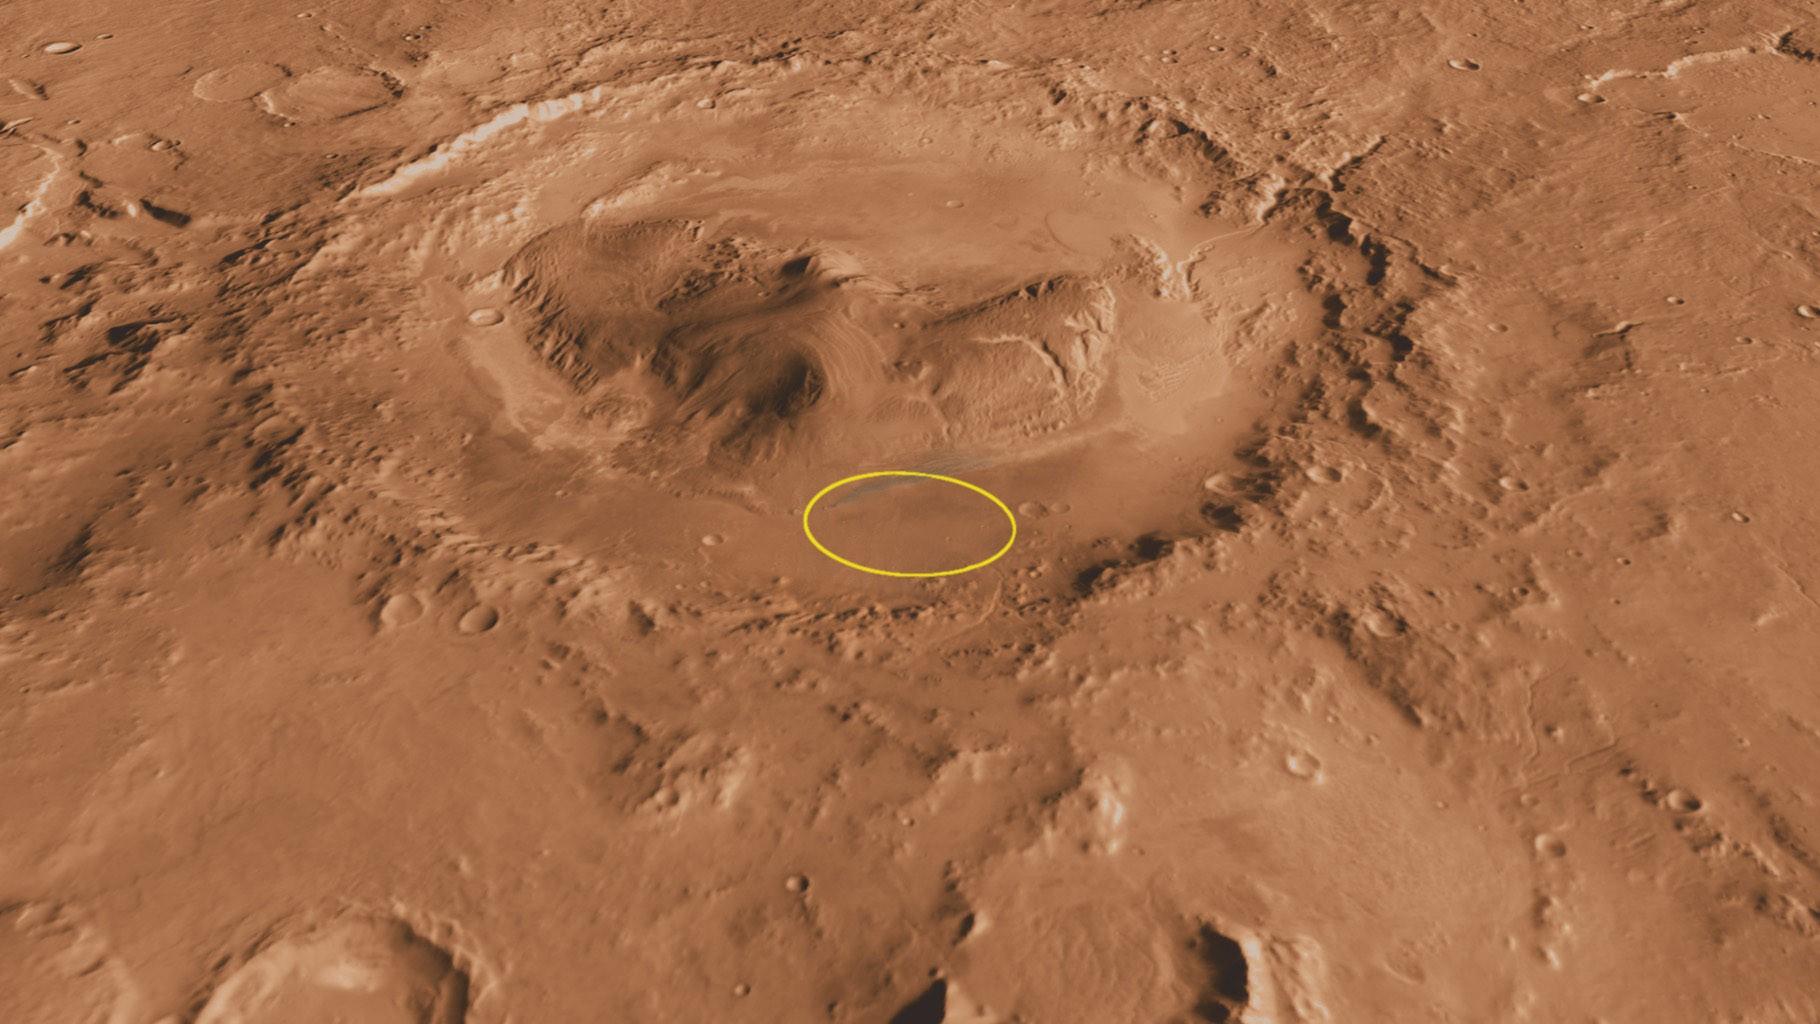 ESA xác nhận bằng chứng cực kỳ quan trọng cho thấy có sự sống tồn tại trên sao Hỏa - Ảnh 1.